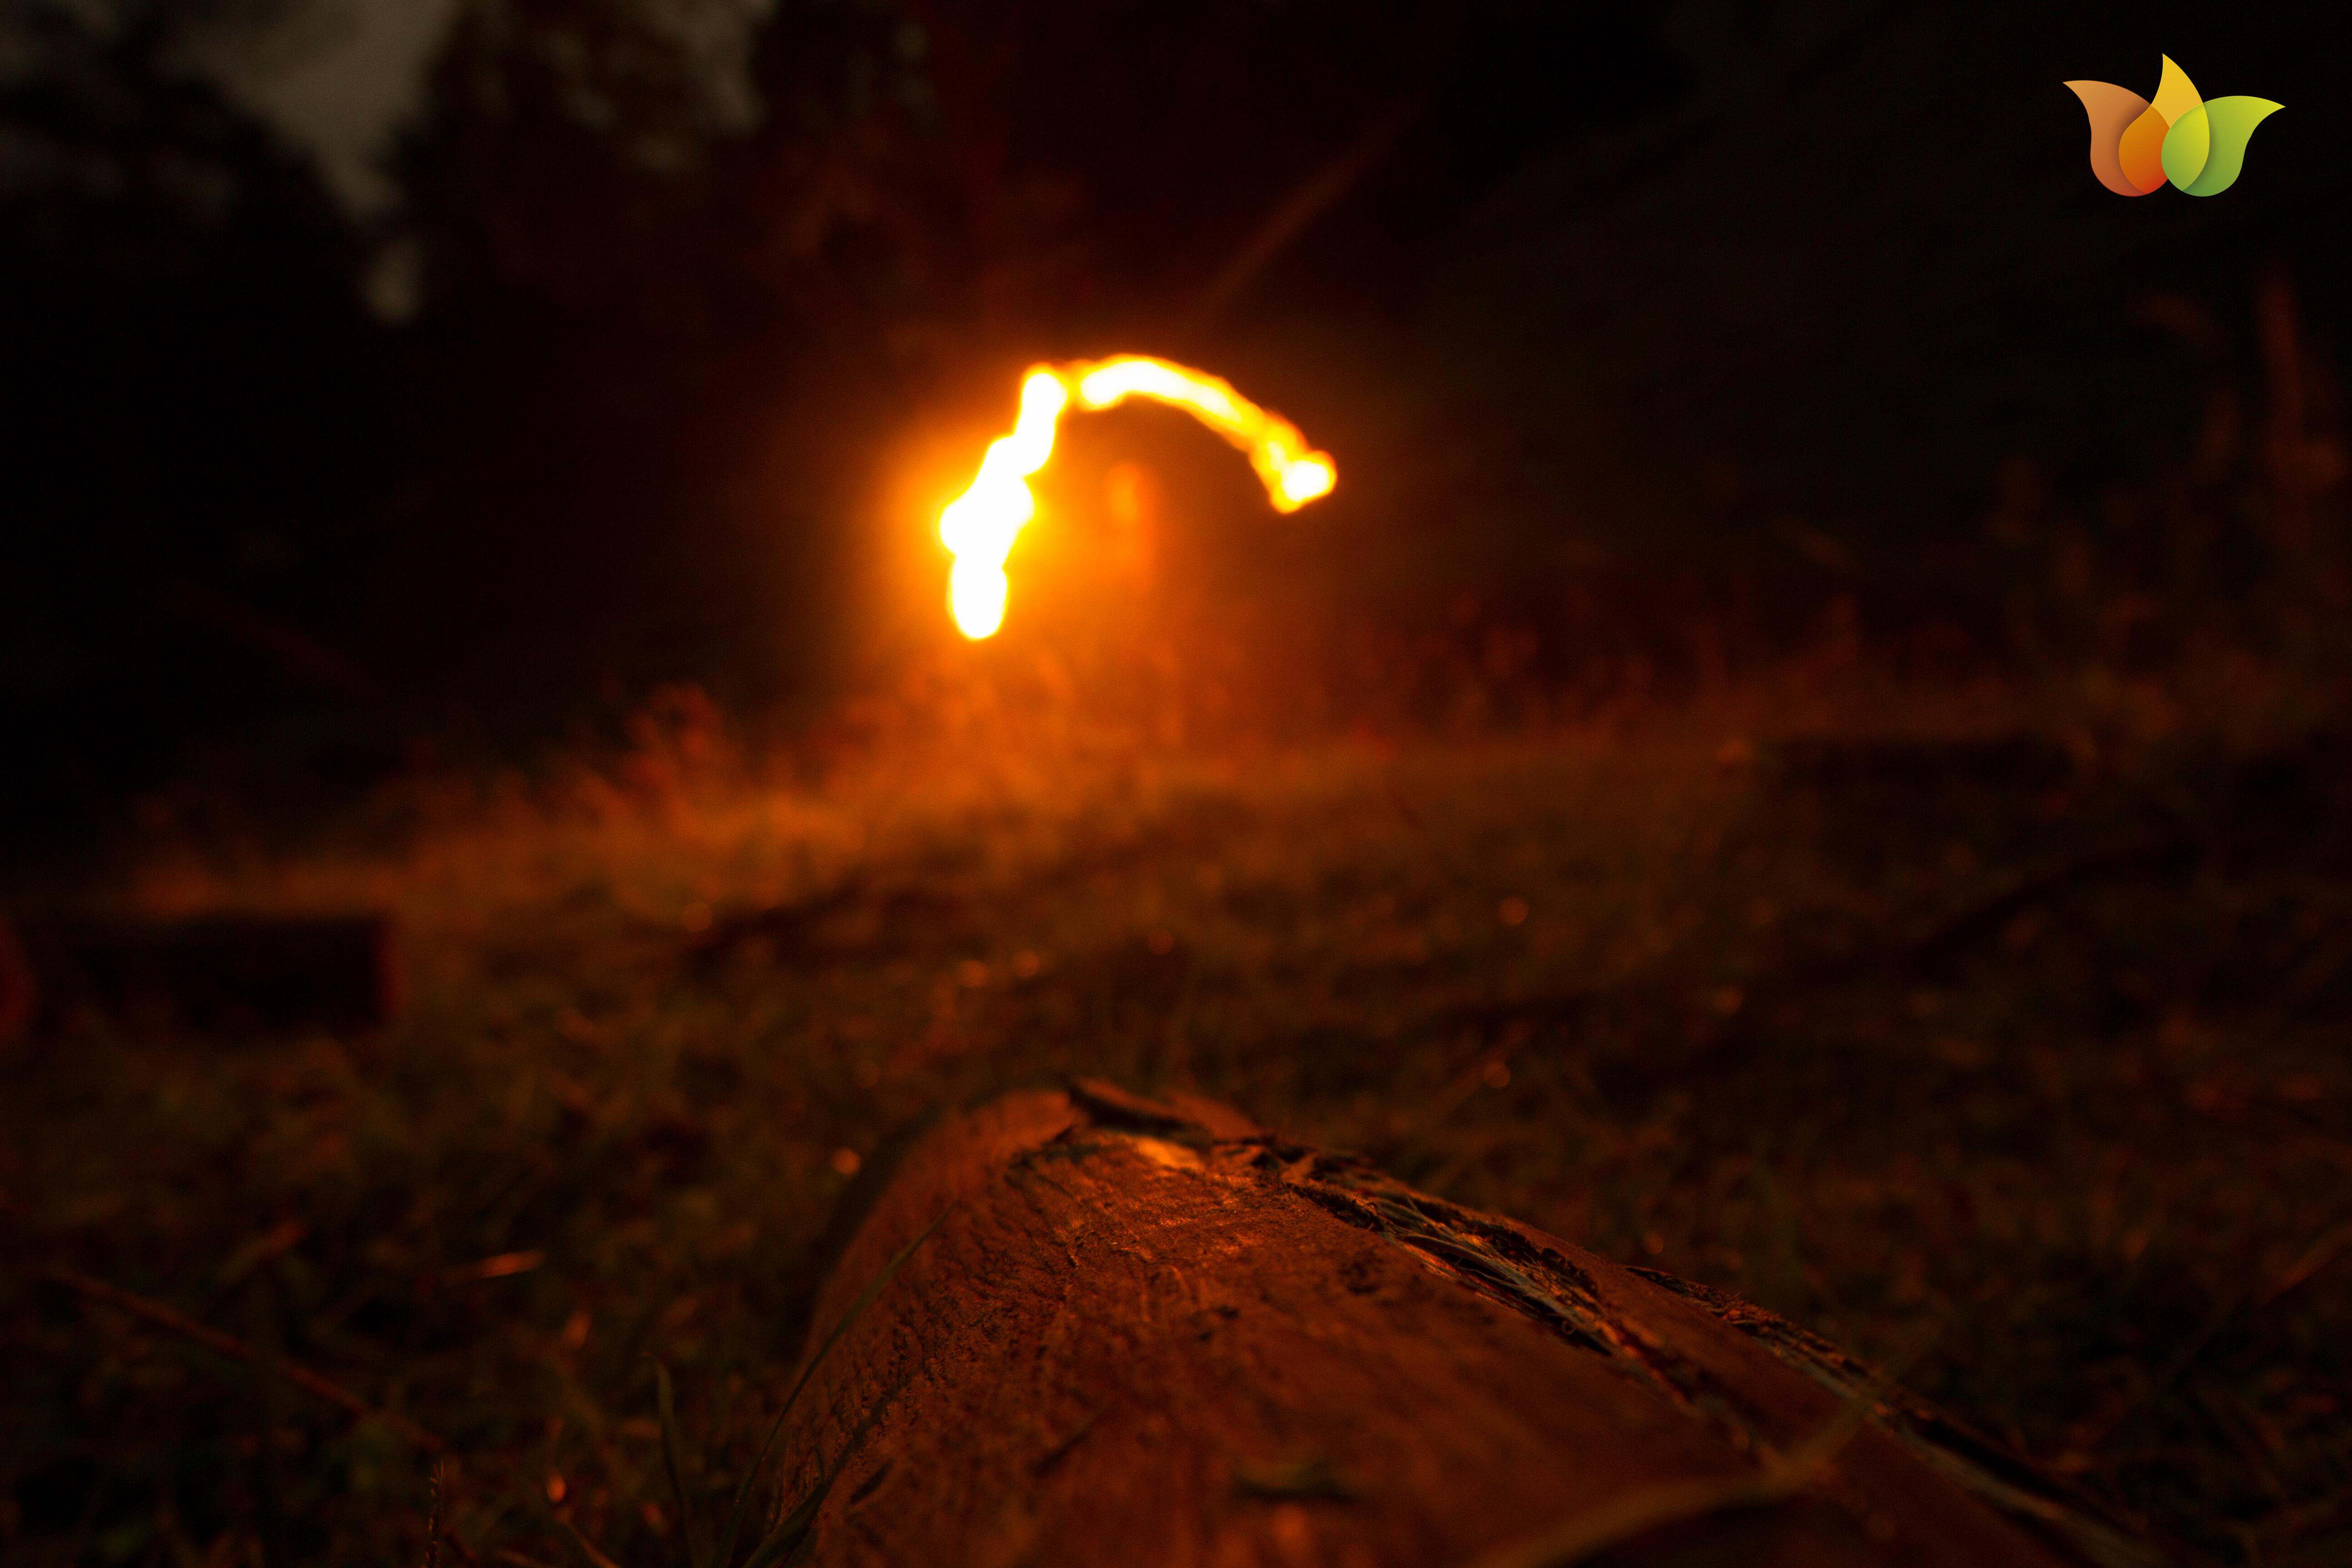 jugamos con fuego, jugamos con luz